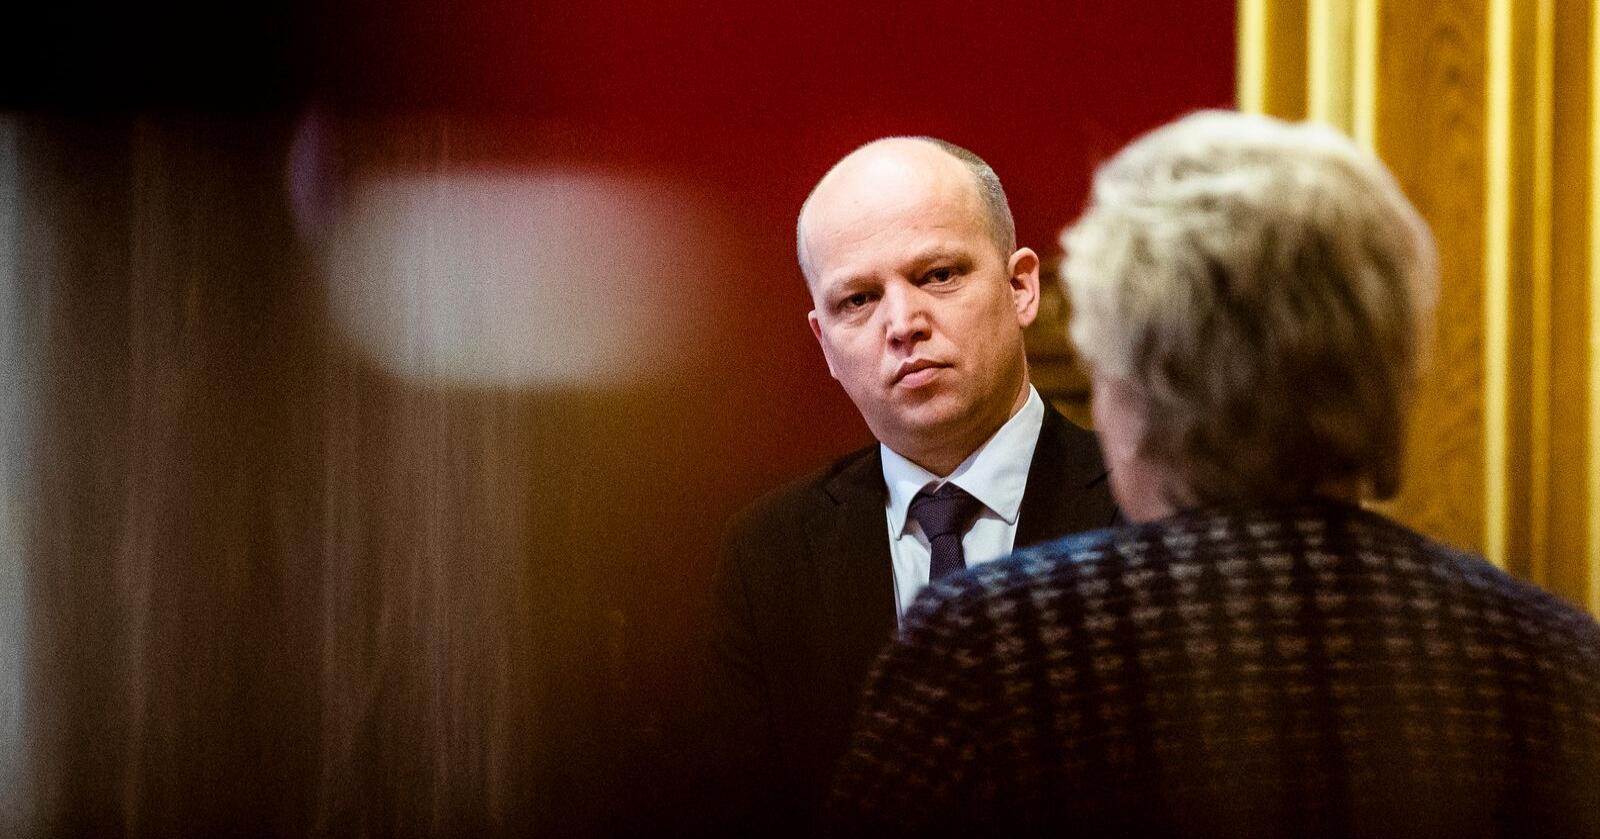 Trygve Slagsvold Vedum (Sp) mener Erna Solberg blir avslørt i ny utredning. Foto: Berit Roald / NTB scanpix